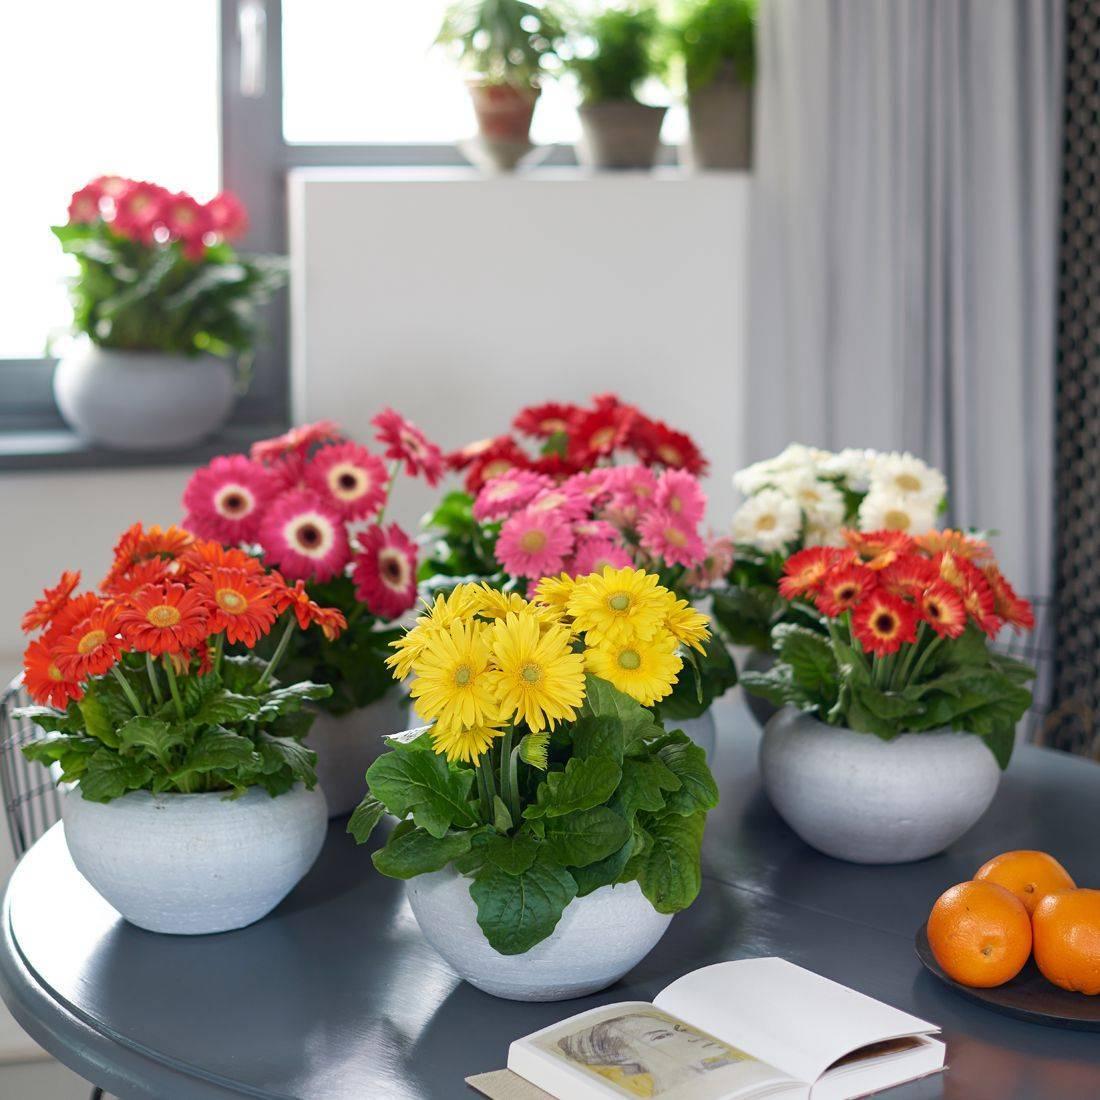 Гербера в домашних условиях: уход за цветком в горшке зимой и в другое время года, как его поливать, фото комнатного растения, размножение и возможные проблемы